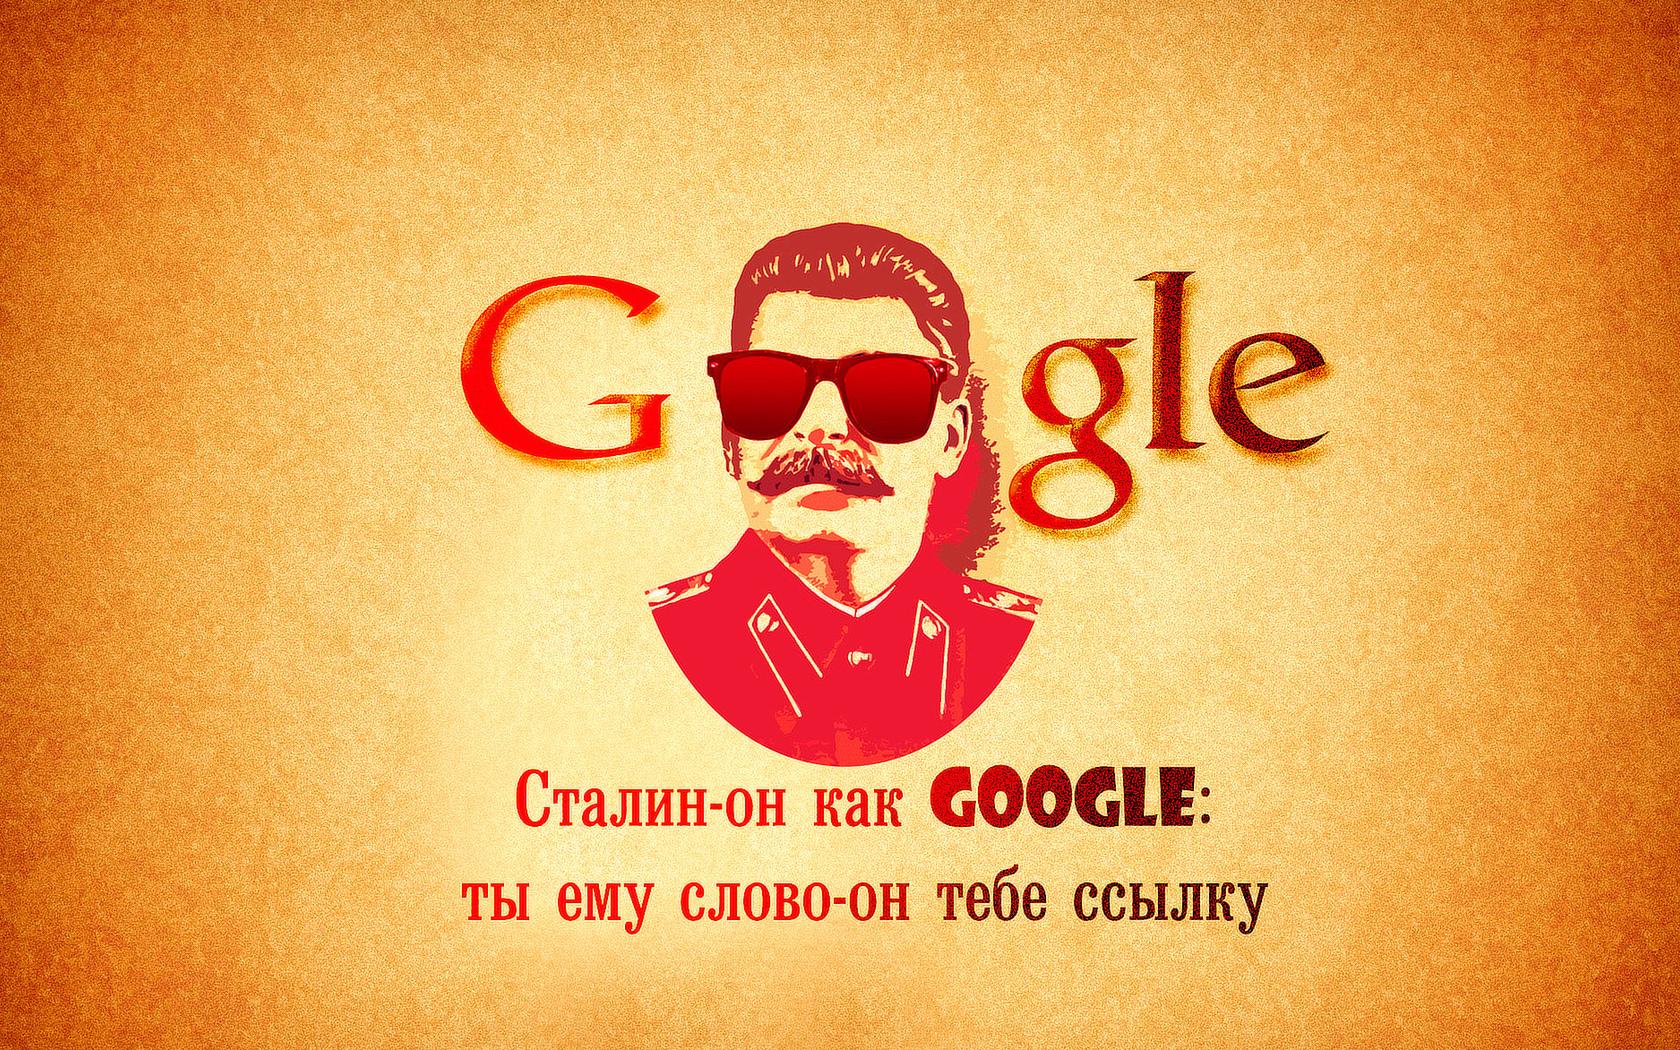 обои Сталин, он как Google, ты ему слово, он тебе ссылку картинки фото